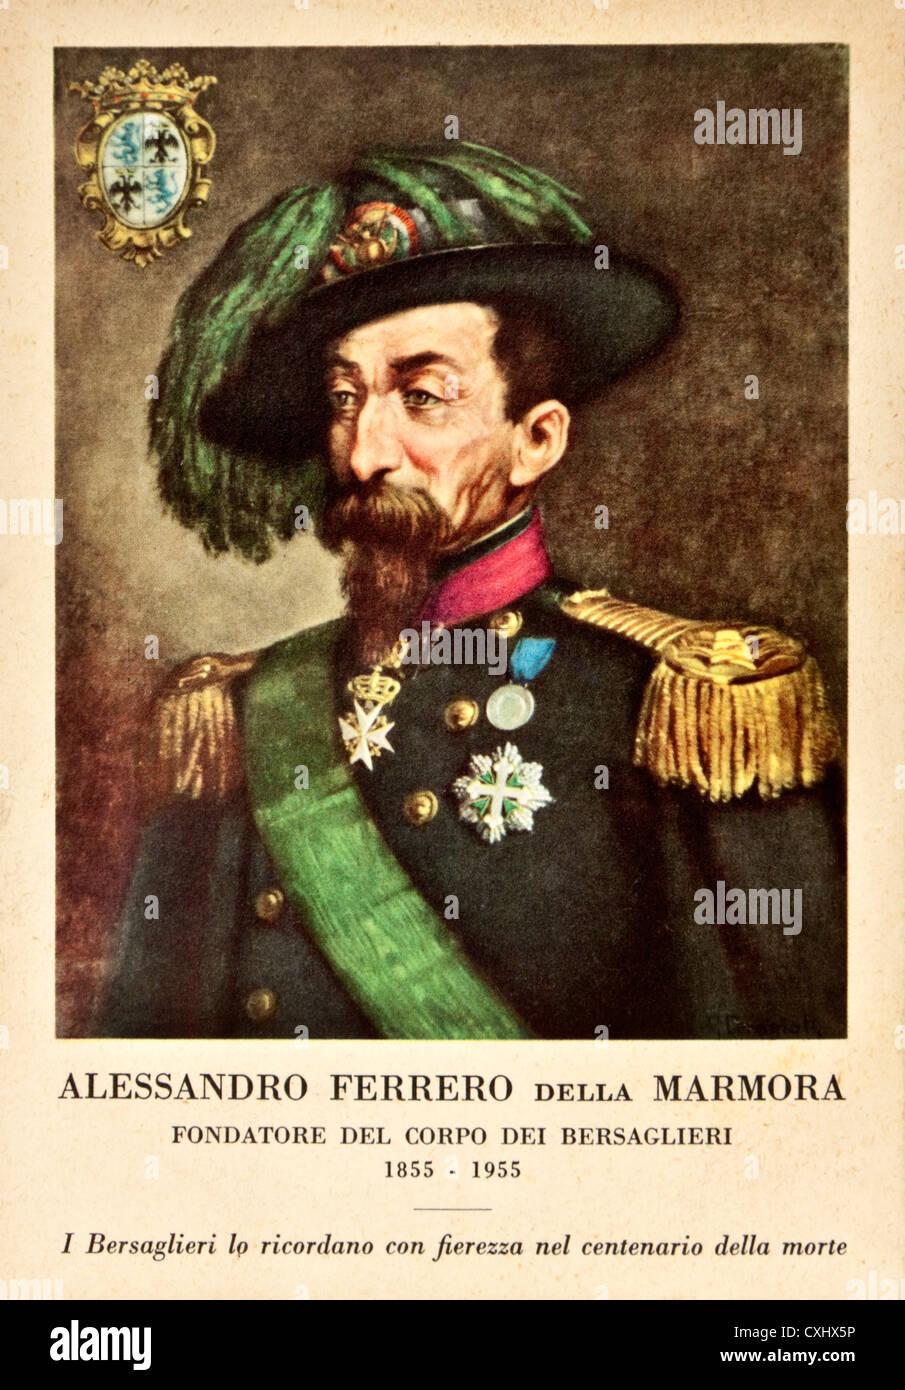 Vintage 1955 postcard commemorating the 100th anniversary of the death of Alessandro Ferrero della Marmora (1799 - Stock Image